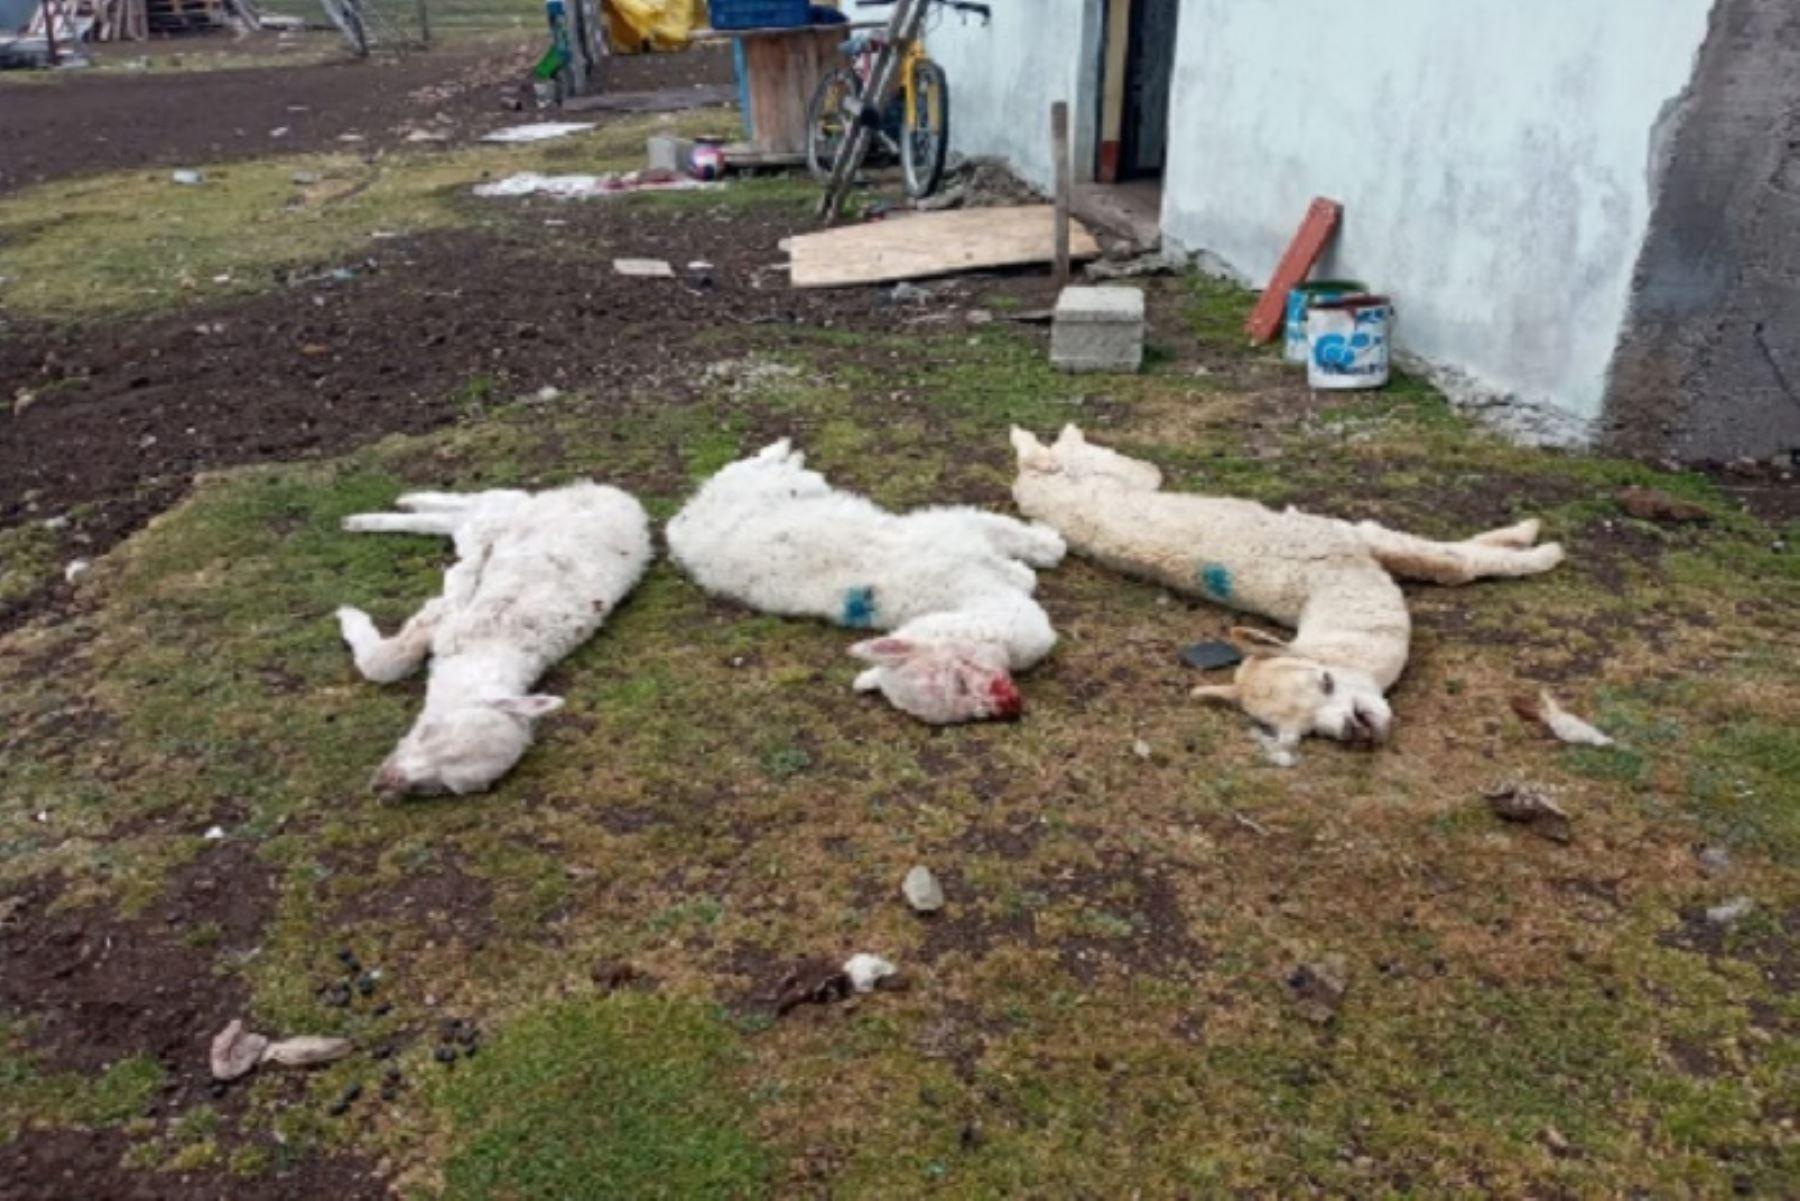 Intensas heladas causan muerte de más de 160 animales en Pasco